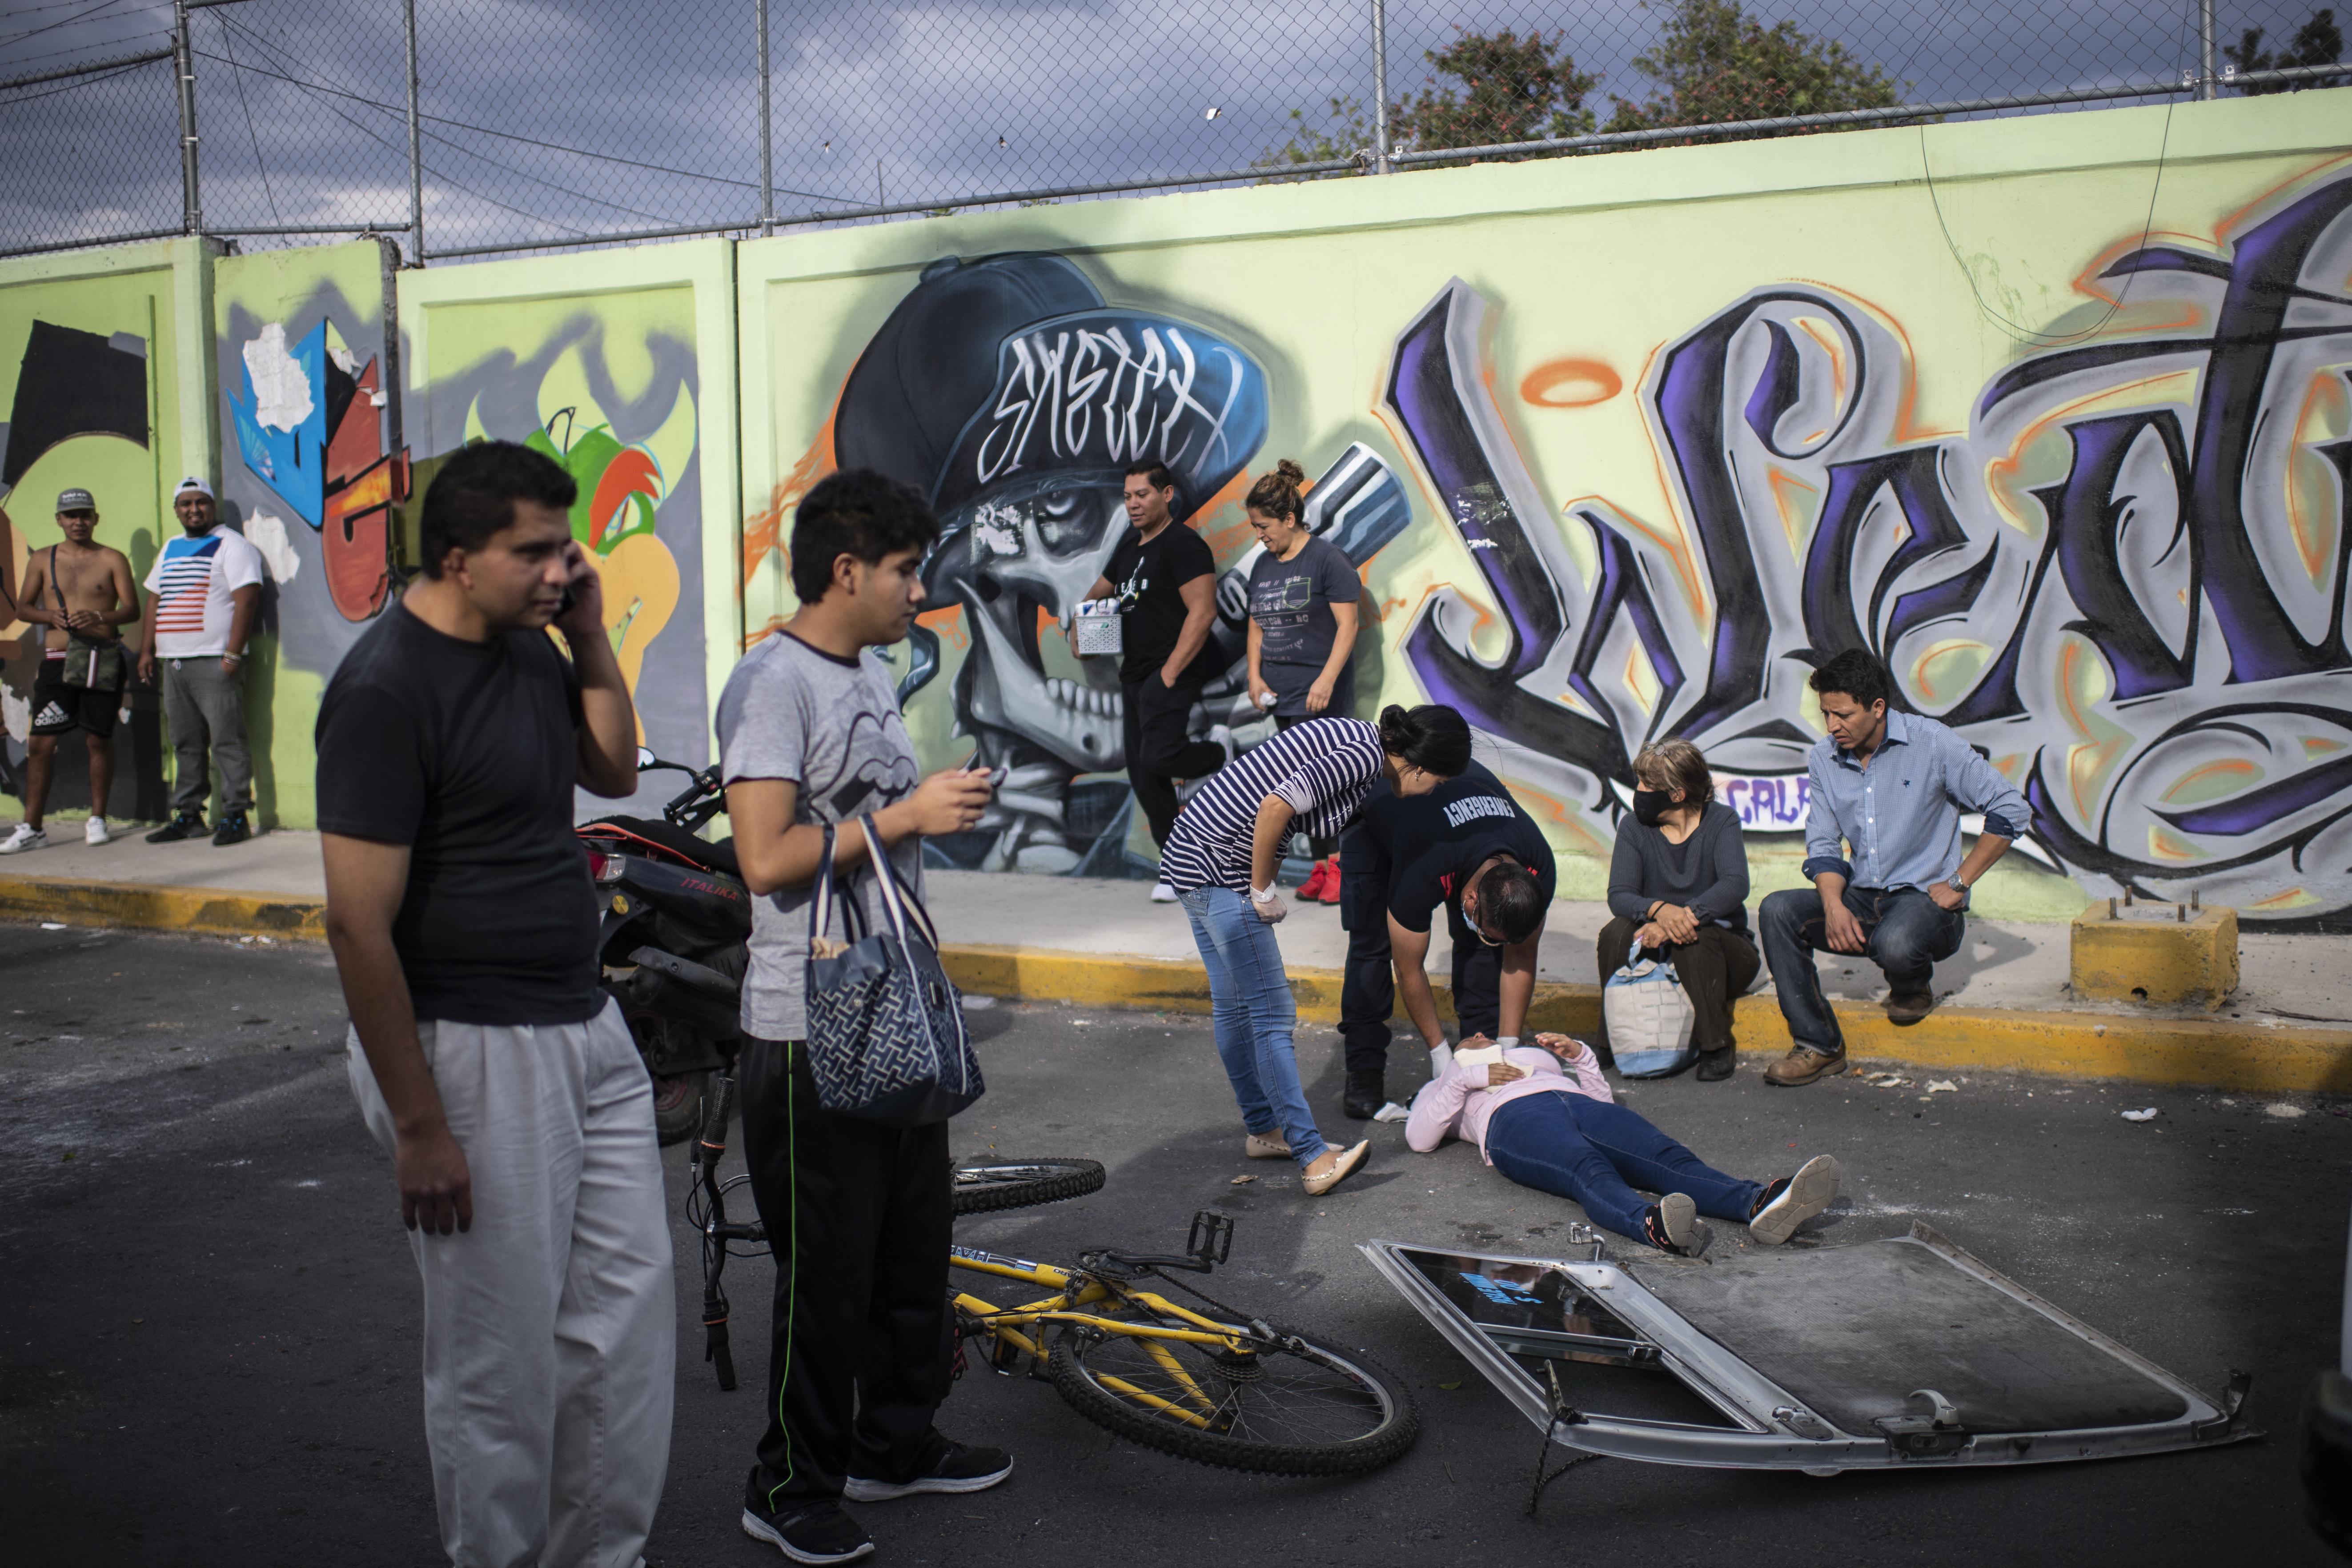 El paramédico Sergio Villafan revisa a una mujer involucrada en un accidente en Ciudad Nezahualcóyotl, Estado de México, México, el 18 de junio de 2020 durante la nueva pandemia de coronavirus de COVID-19. (Foto por Pedro PARDO / AFP)